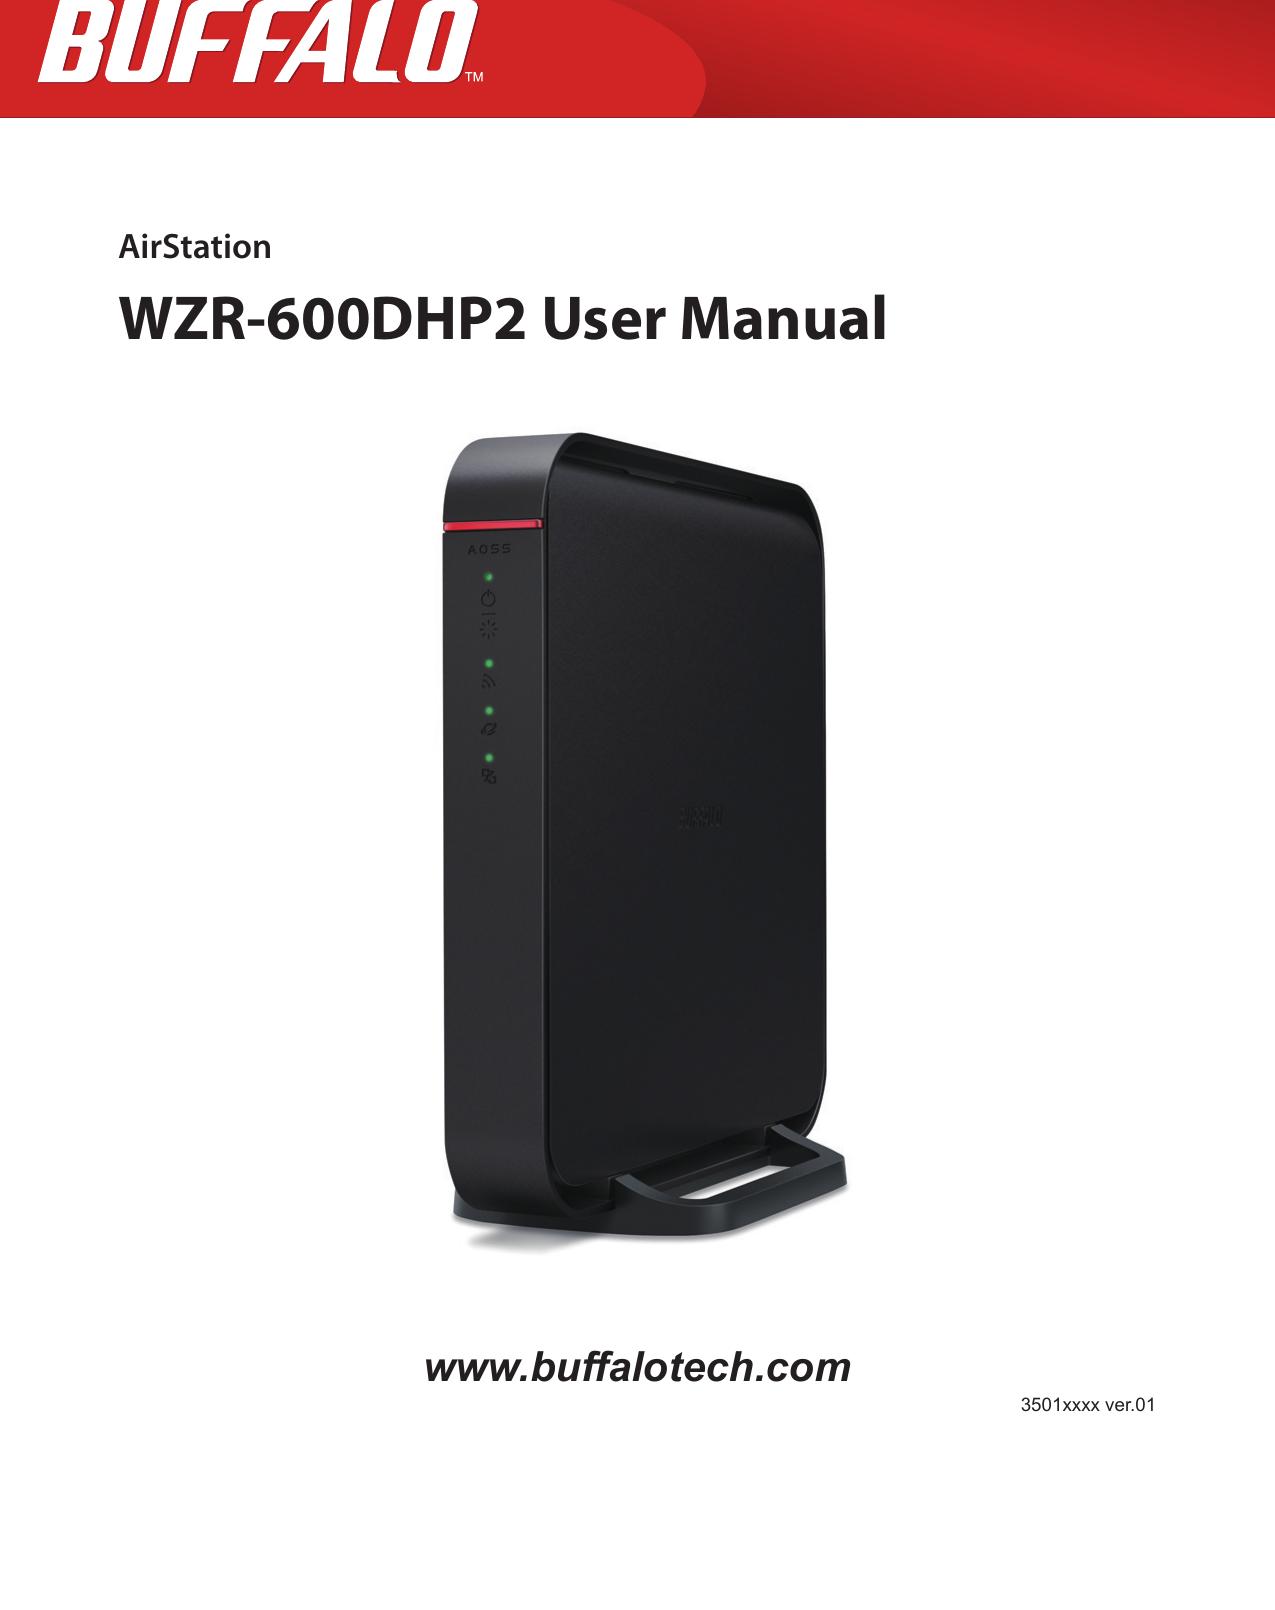 buffalo 000000013 wlan router airstation user manual wzr 600dhp2 rh usermanual wiki Buffalo Routers Review Buffalo Router Setup